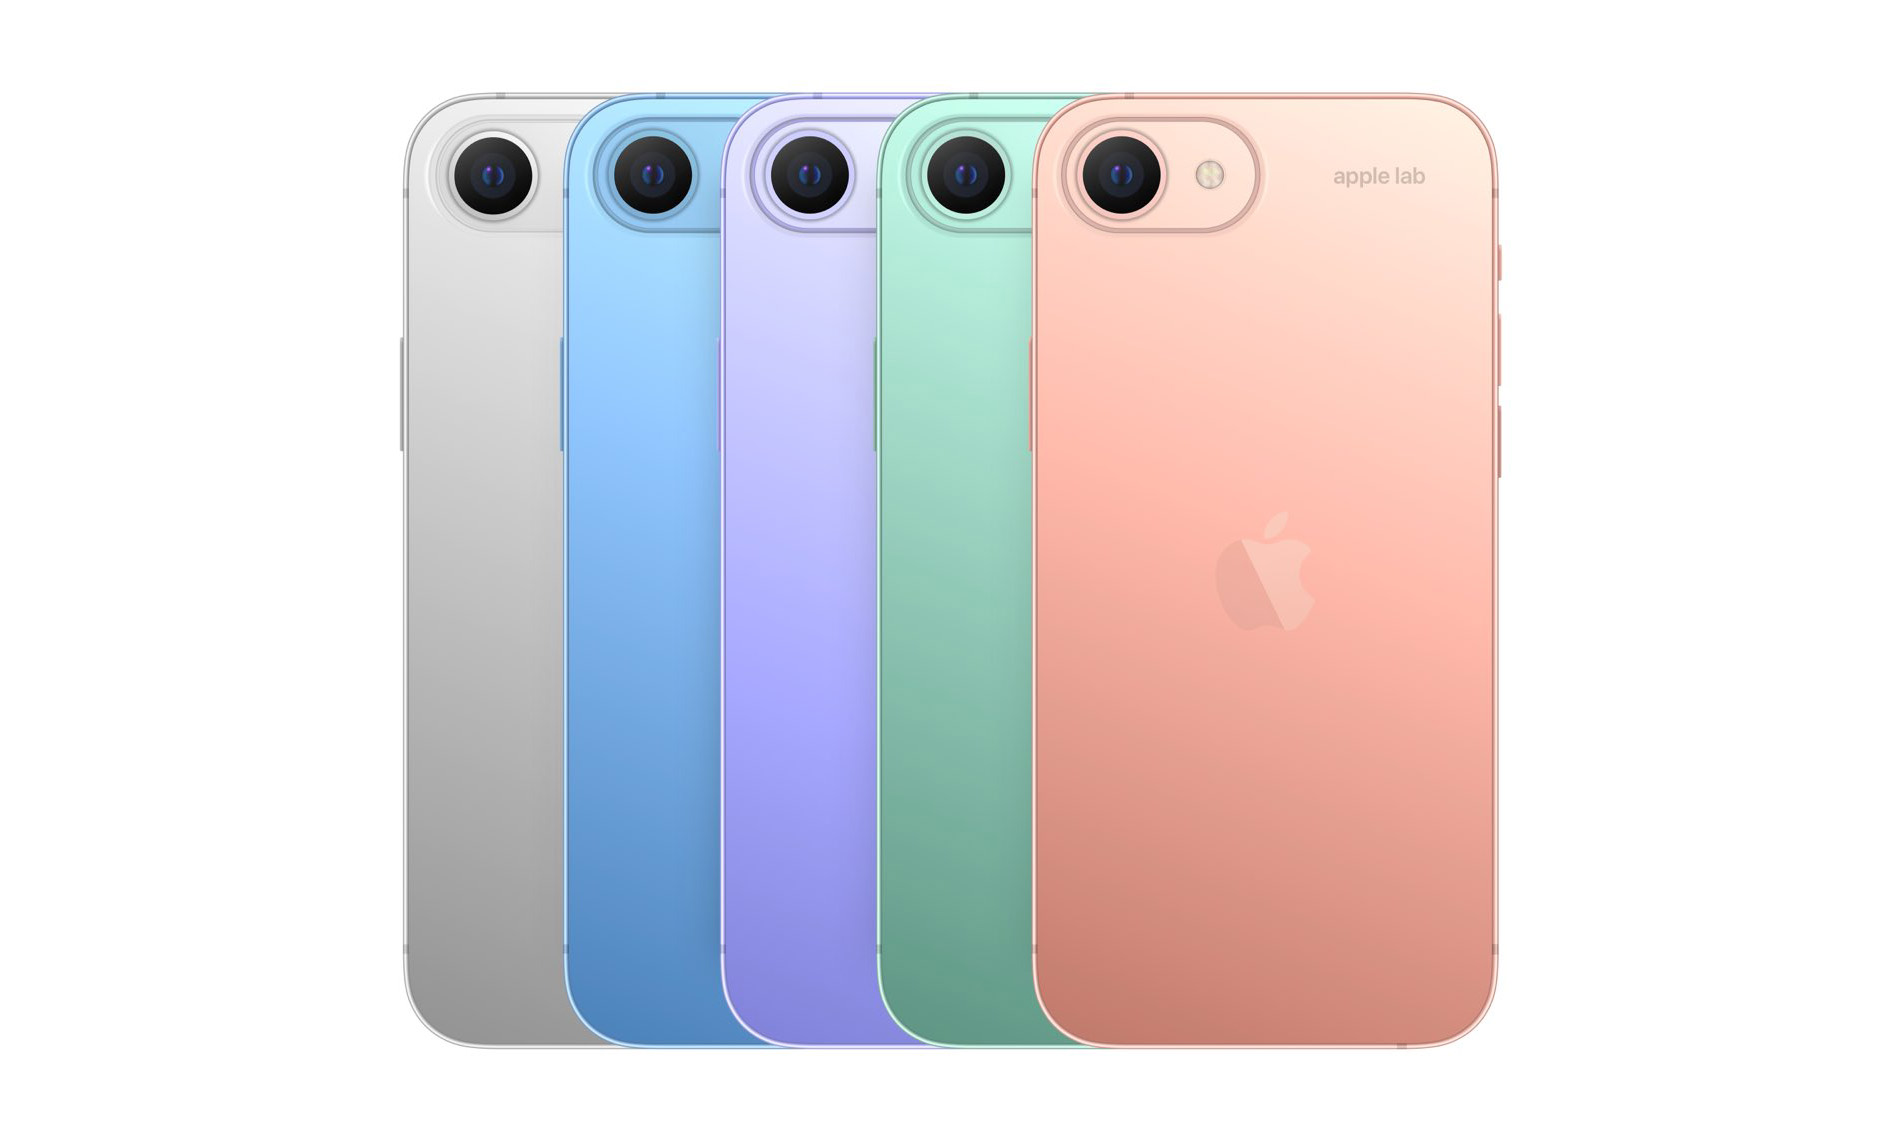 疑似新一代 iPhone SE 渲染图释出